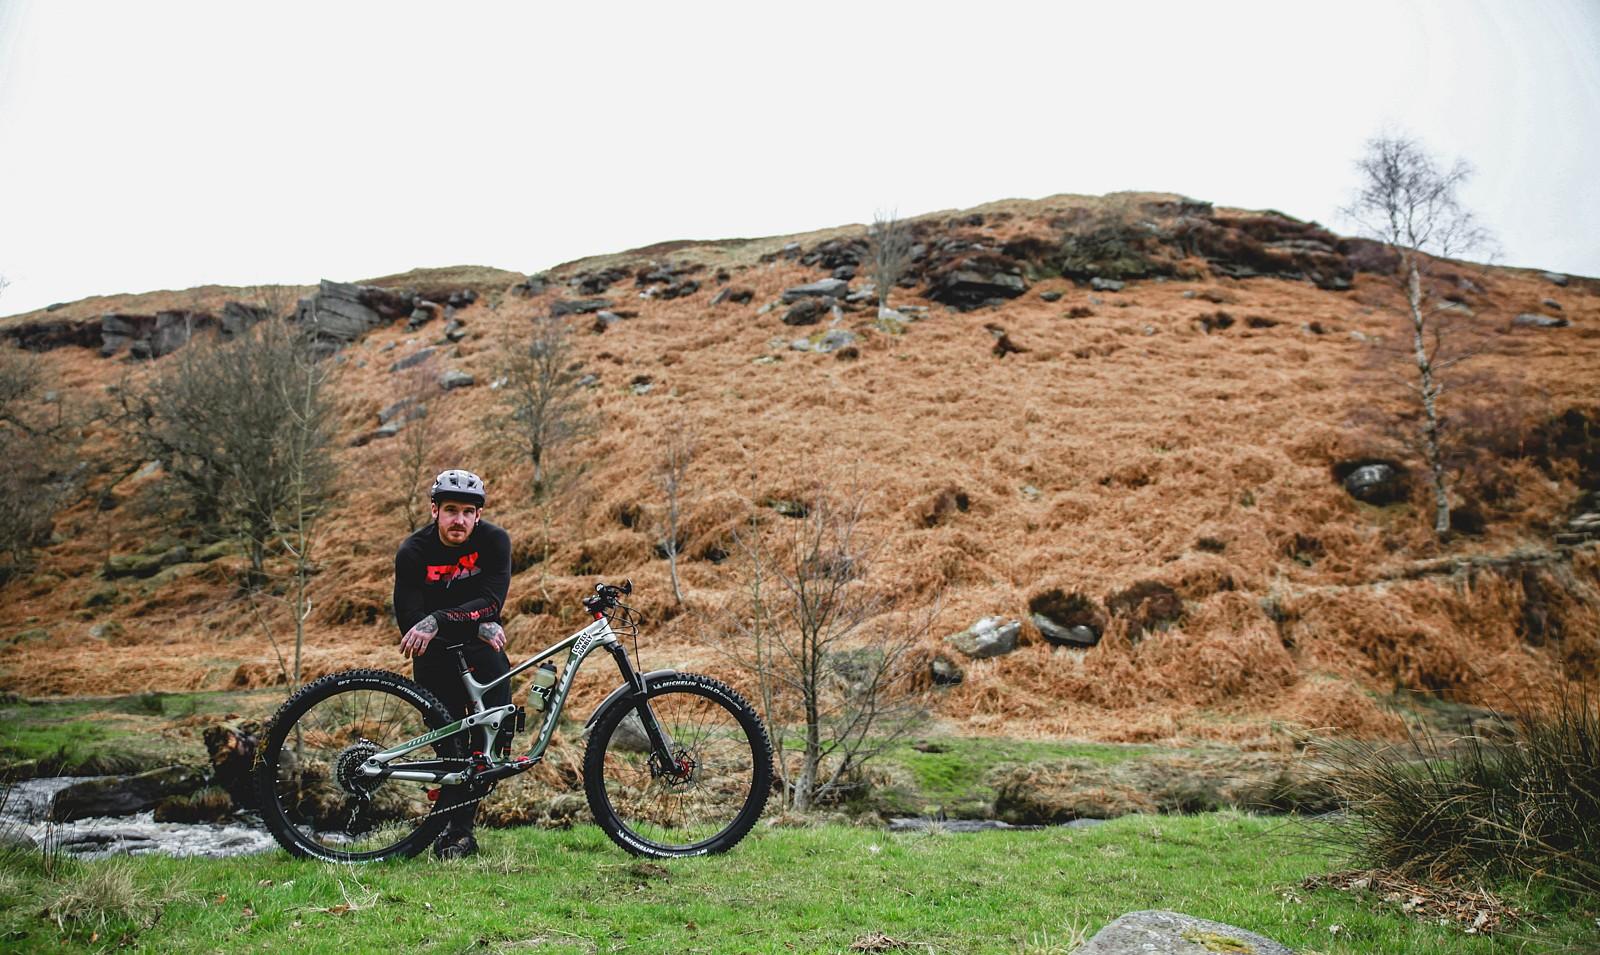 IMG 0465 - Mushrum - Mountain Biking Pictures - Vital MTB